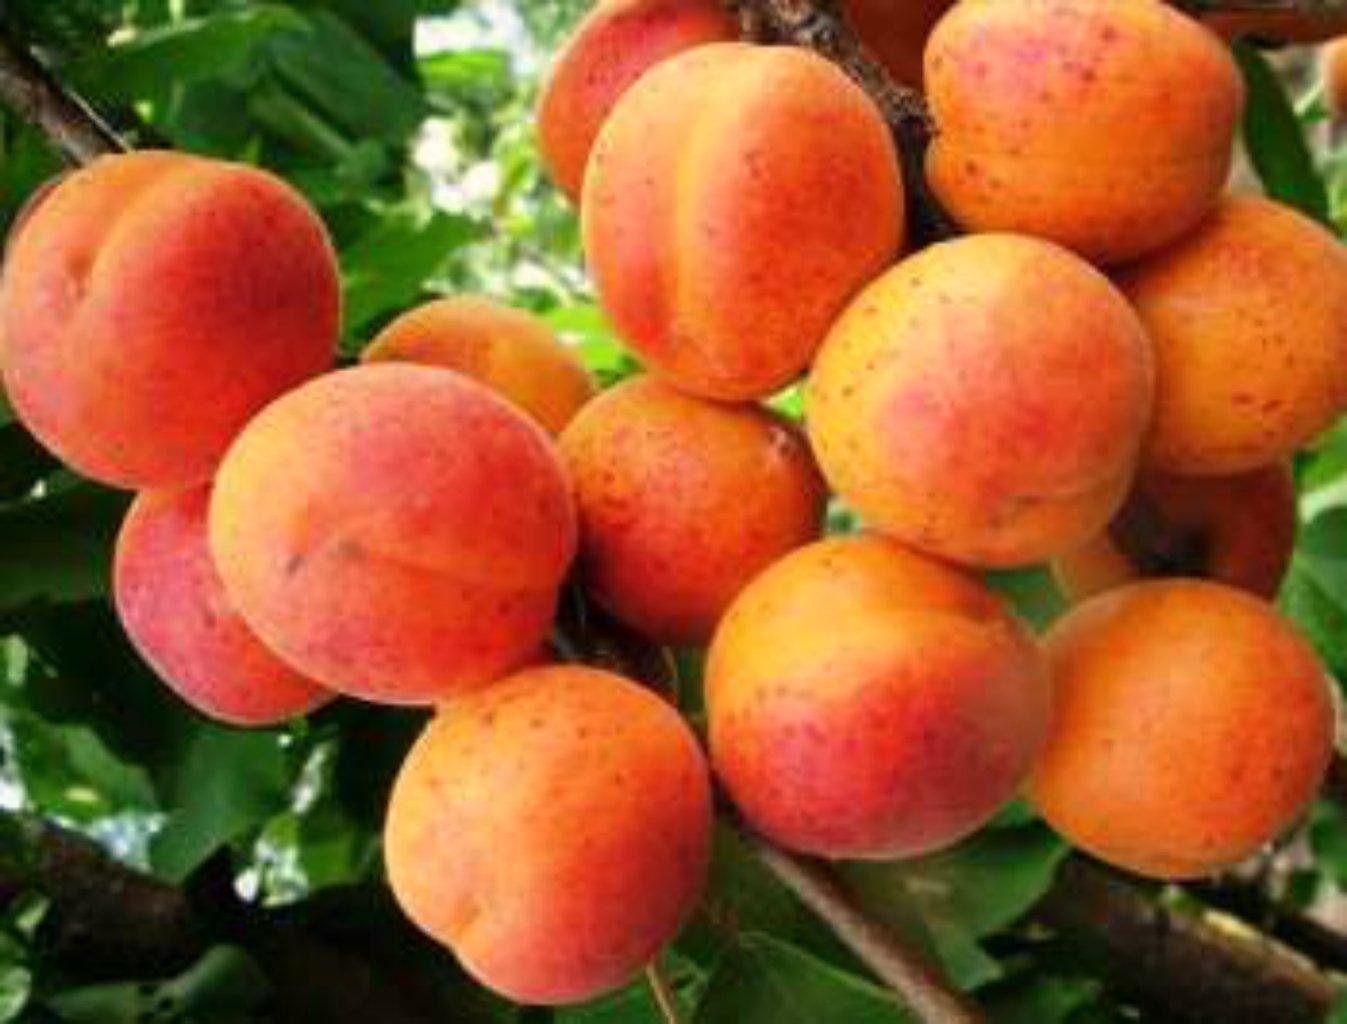 Прививка абрикоса на что можно когда и как прививать на сливу вишню алычу